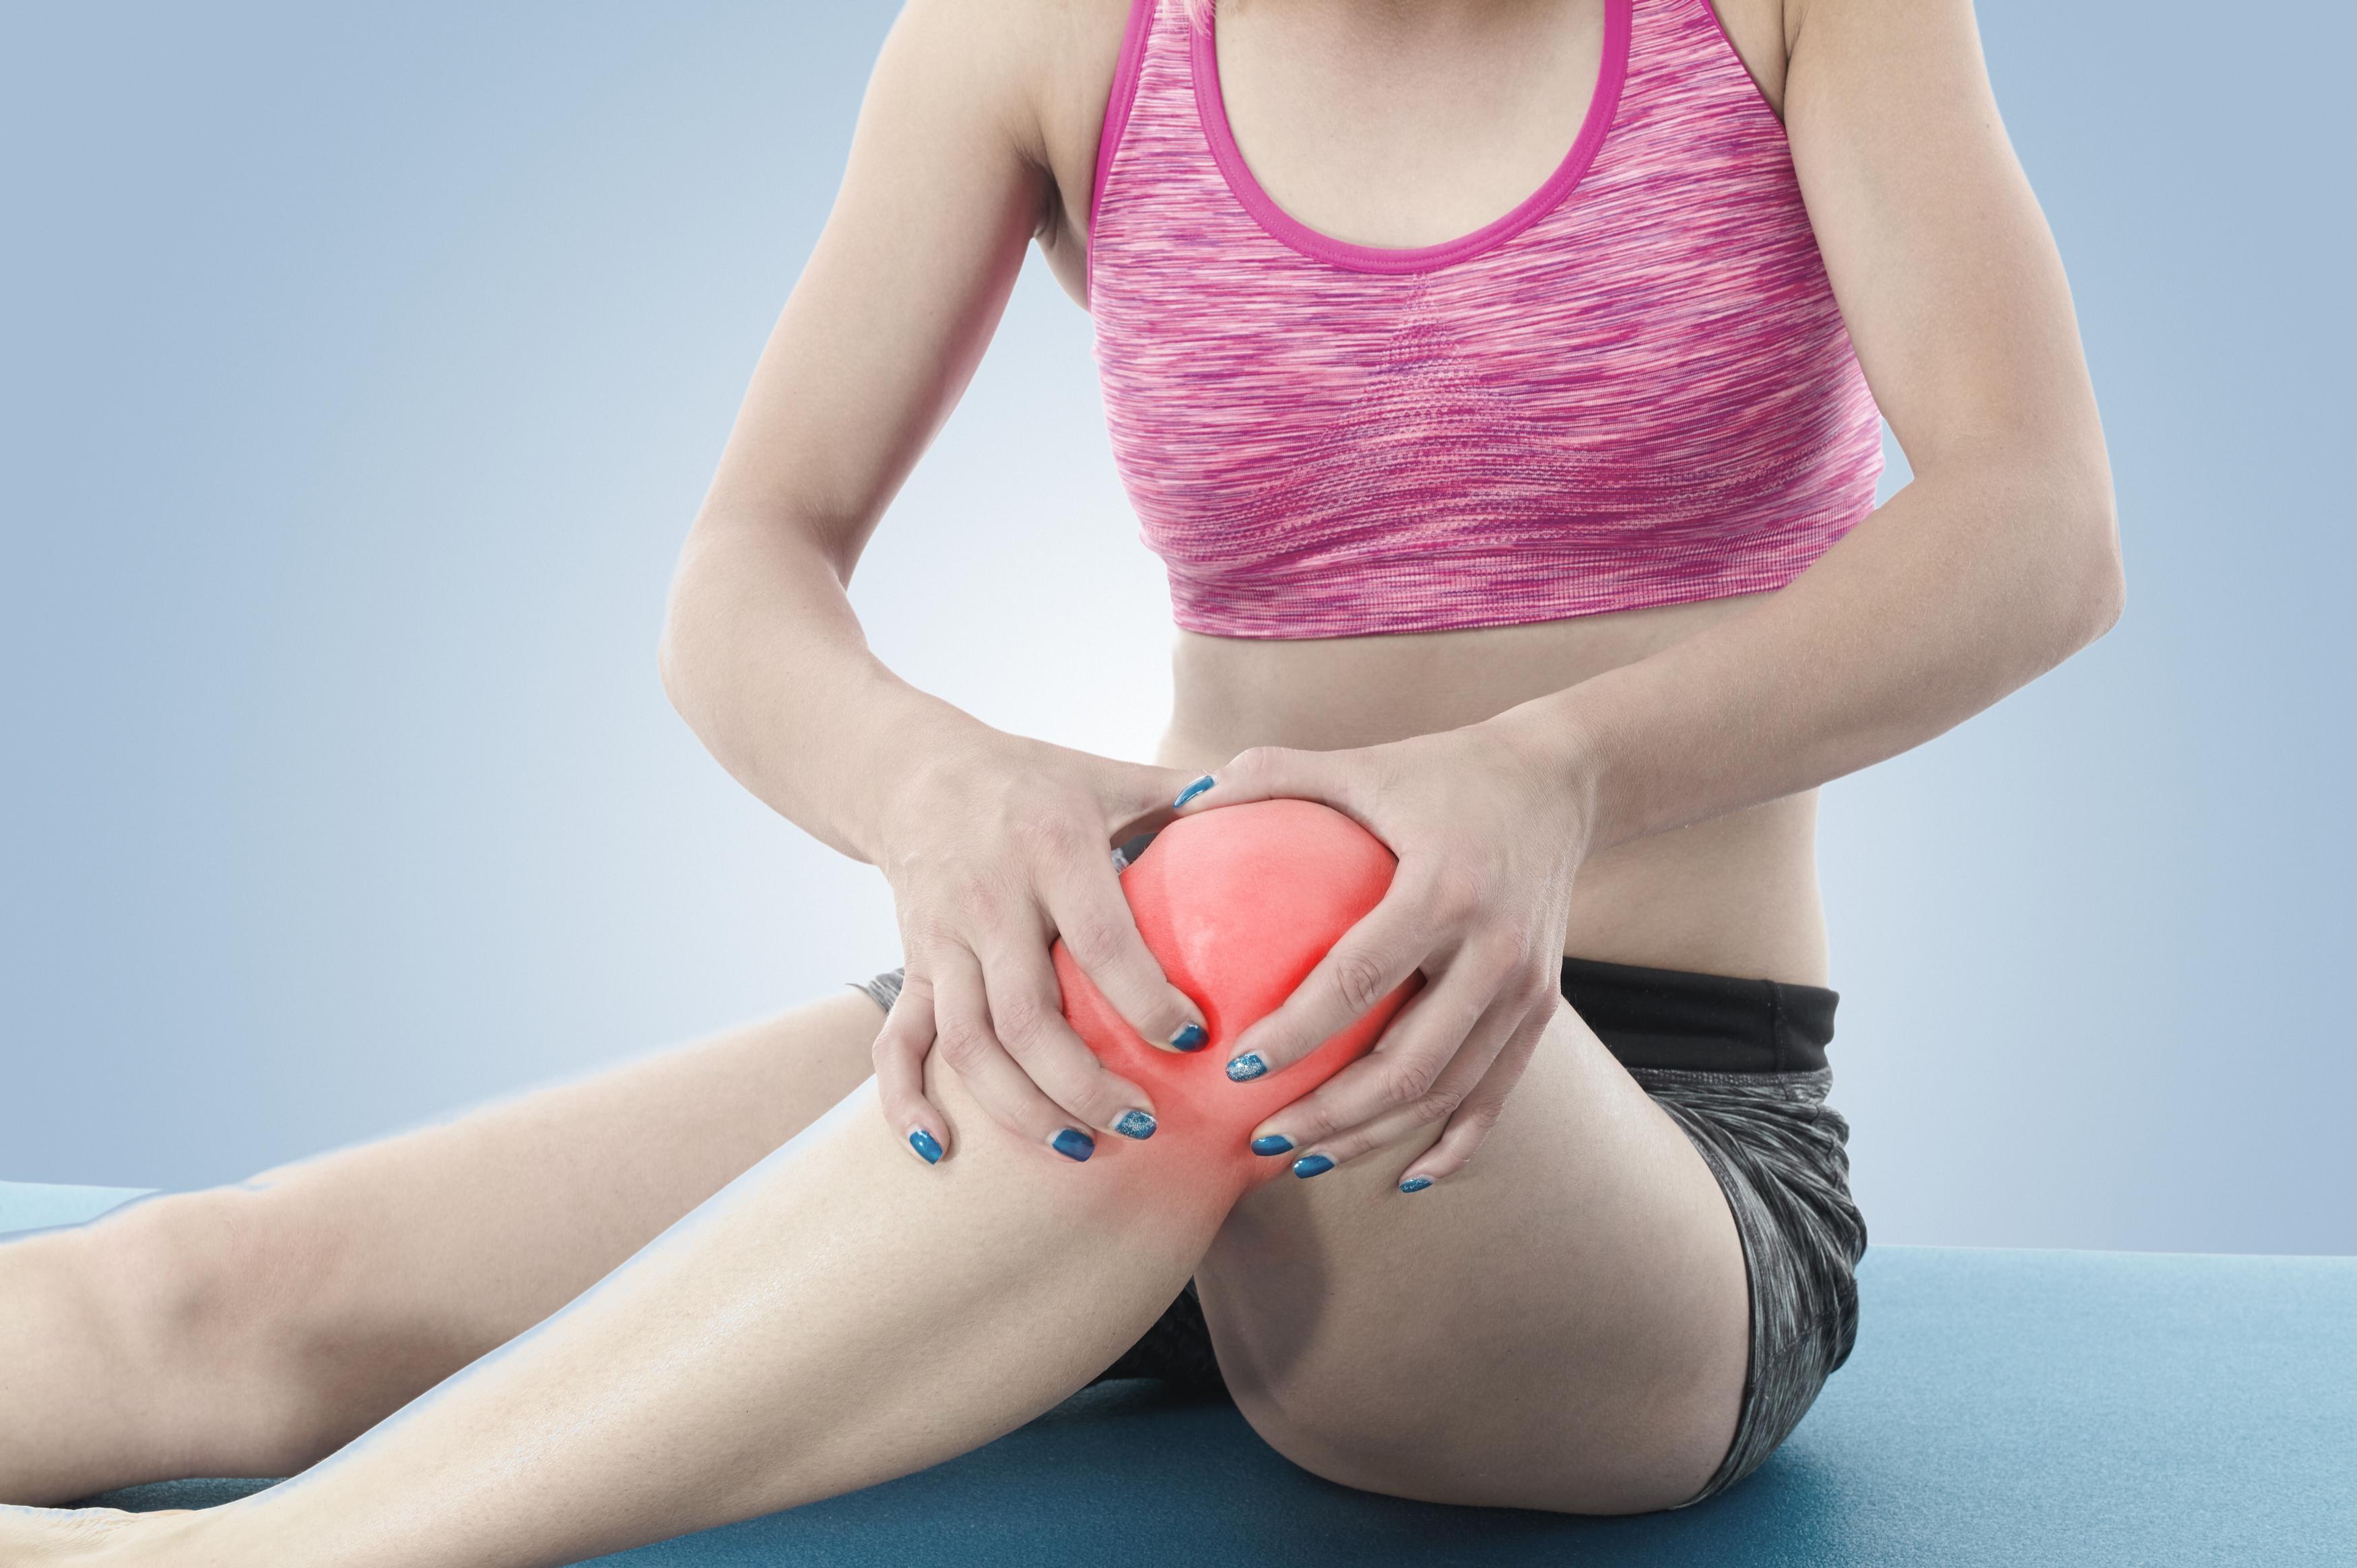 mobilitatea în articulațiile genunchilor)